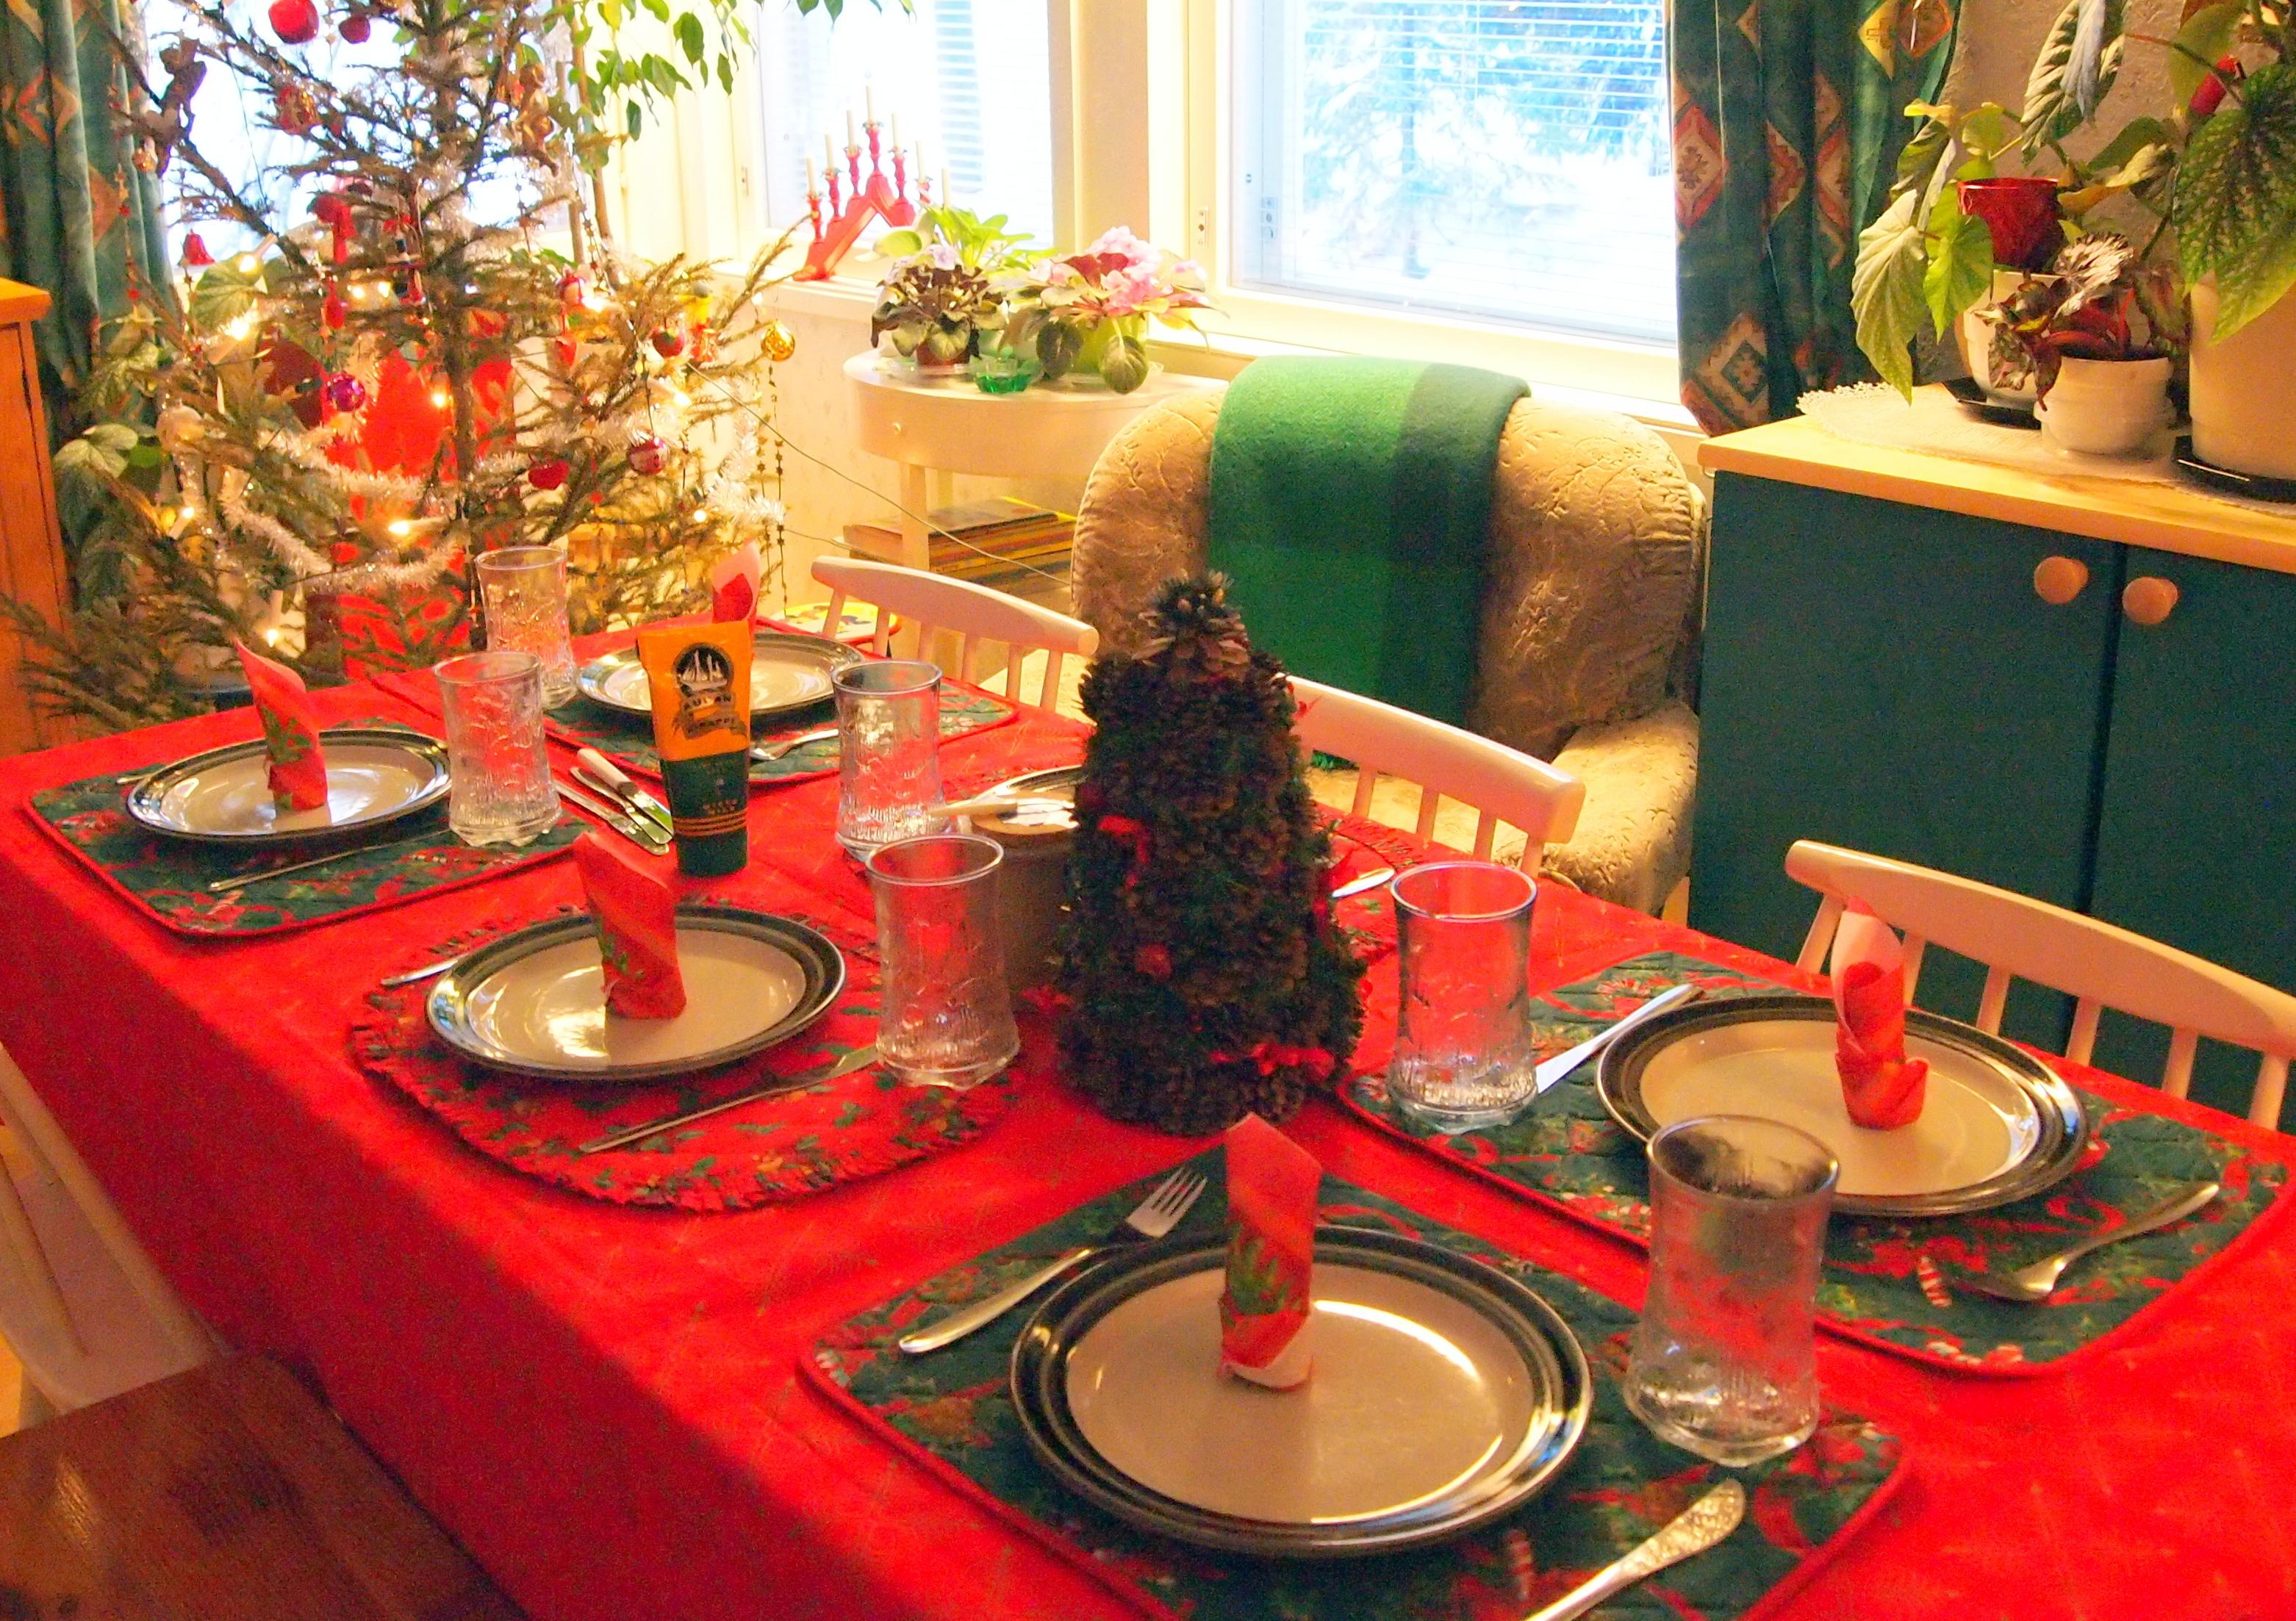 Dicas para o Jantar de Natal Iguaria Receita e Dica de  #B91512 3124x2206